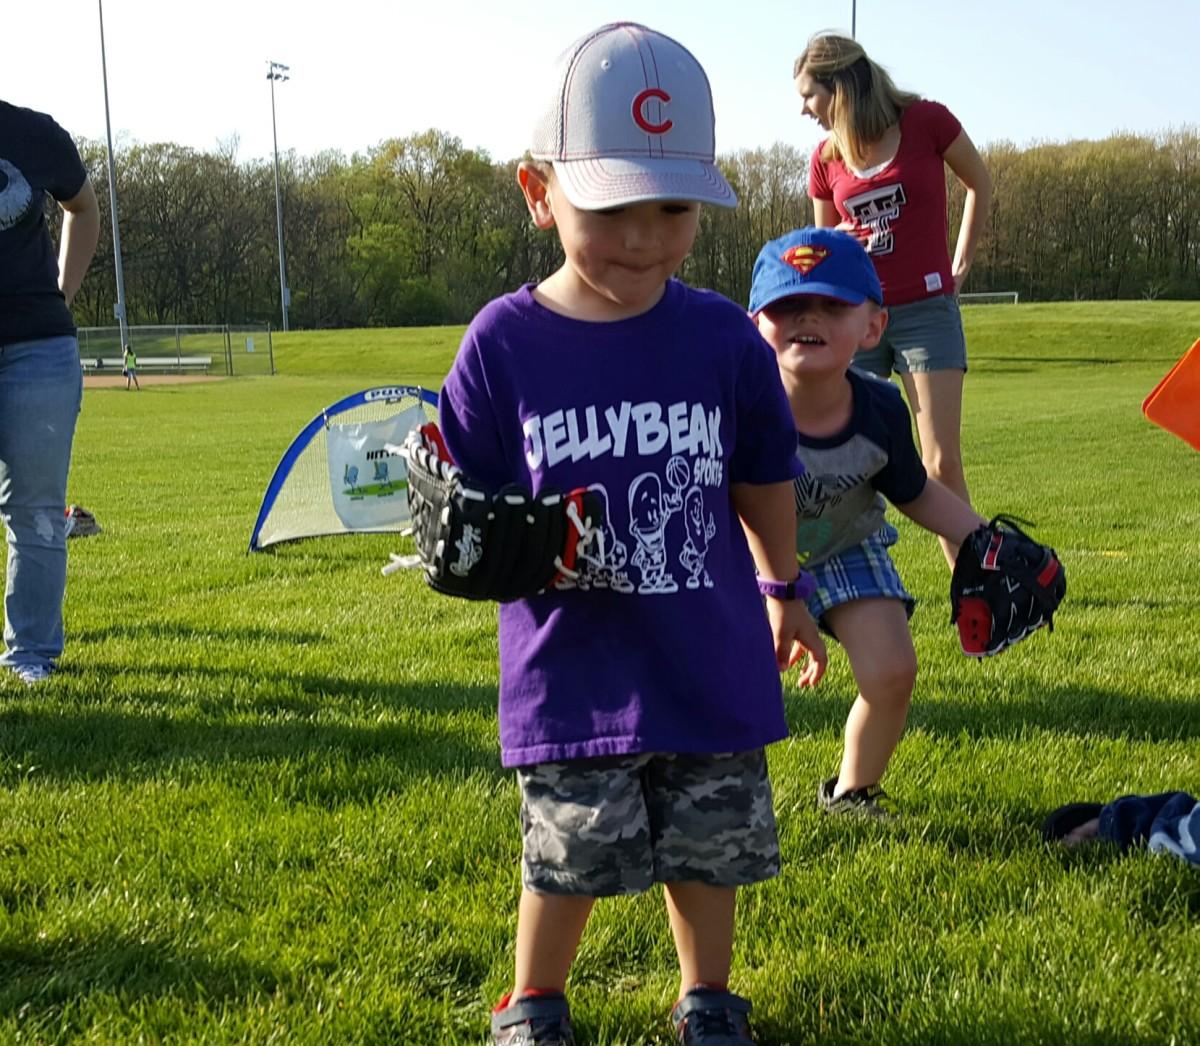 Boy fielding